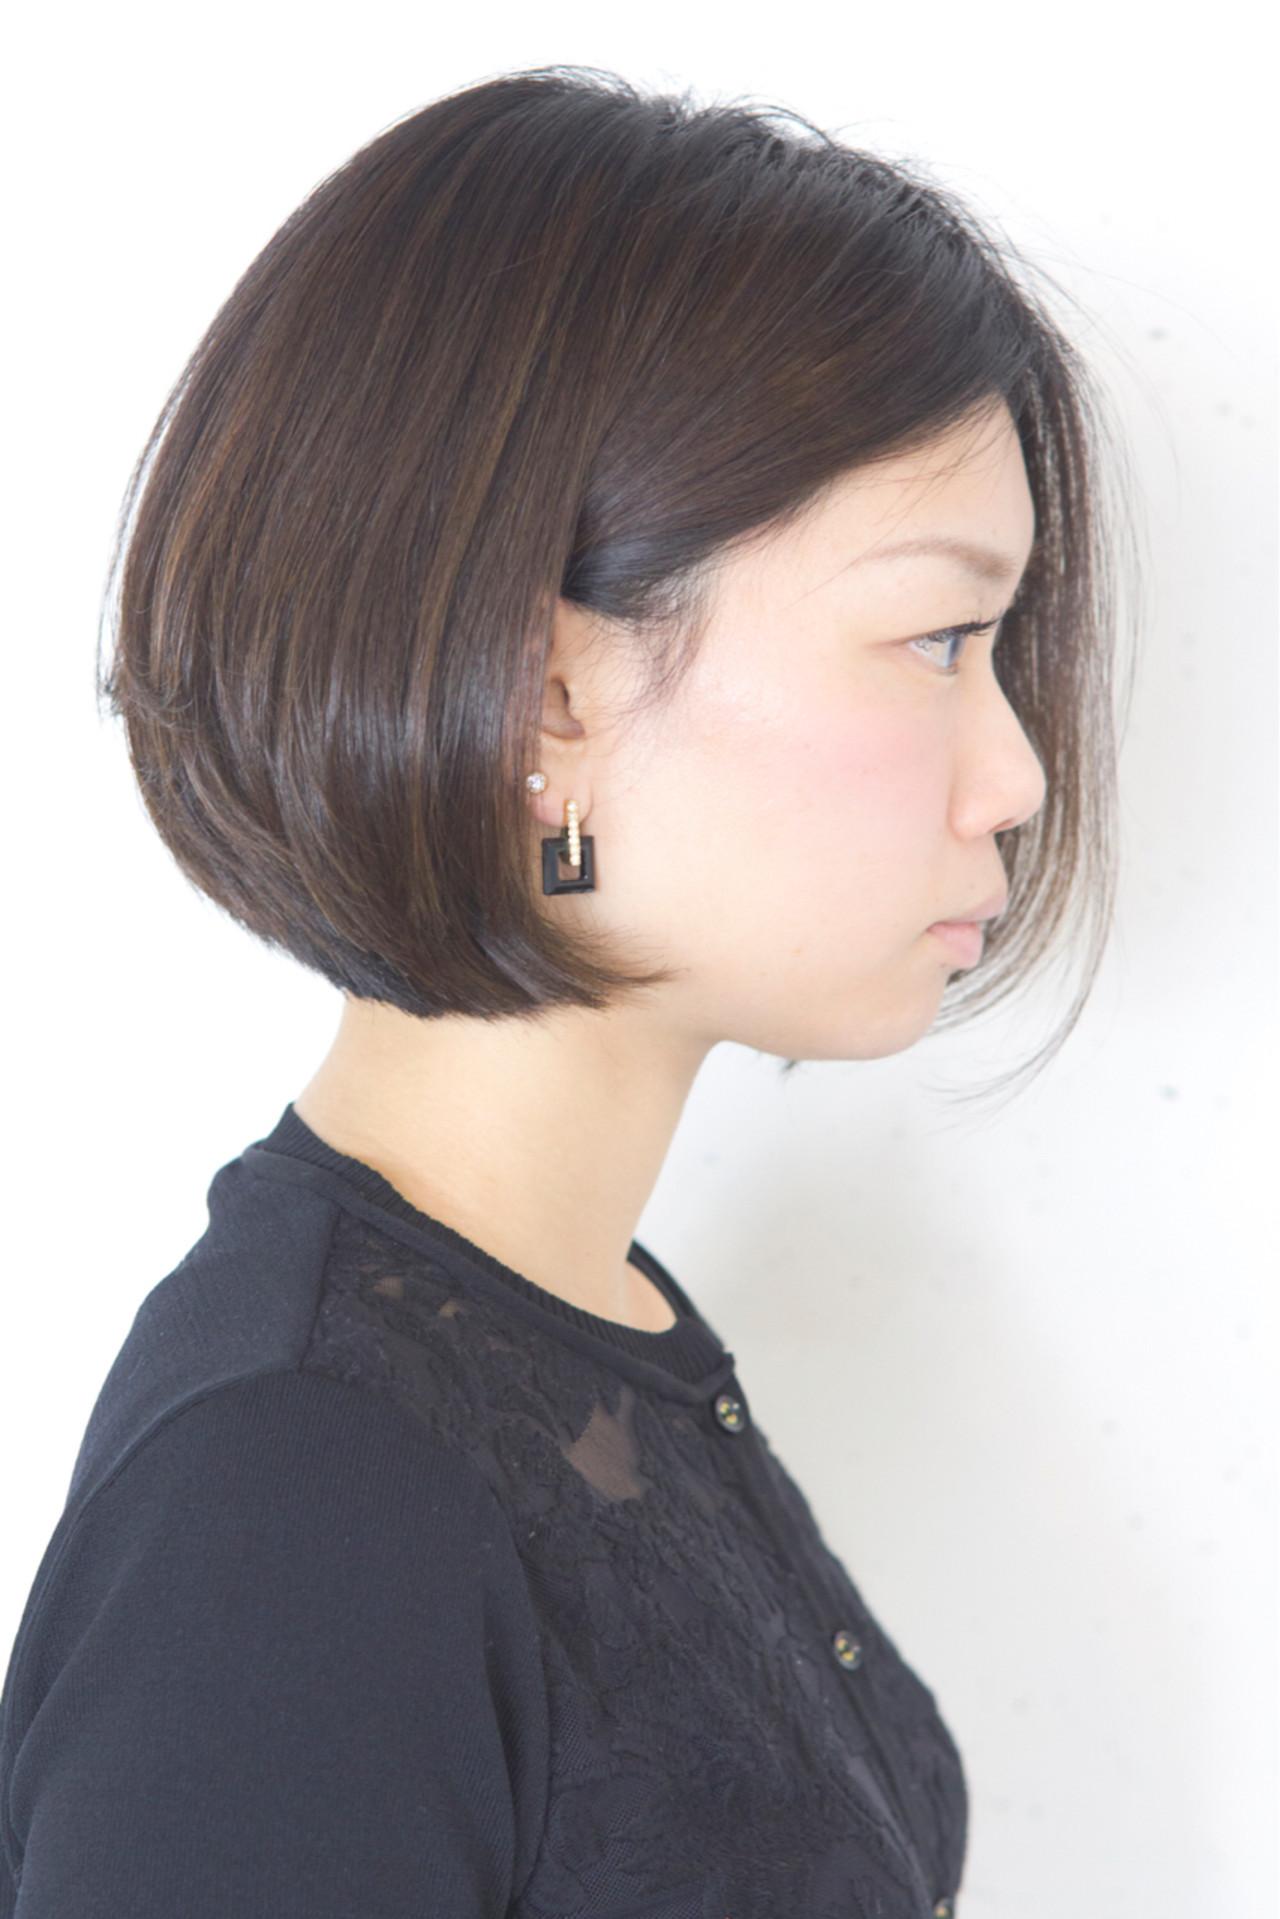 色気 アッシュ 黒髪 小顔 ヘアスタイルや髪型の写真・画像 | sowi 阿部 辰也 / sowi hair design ソーイ